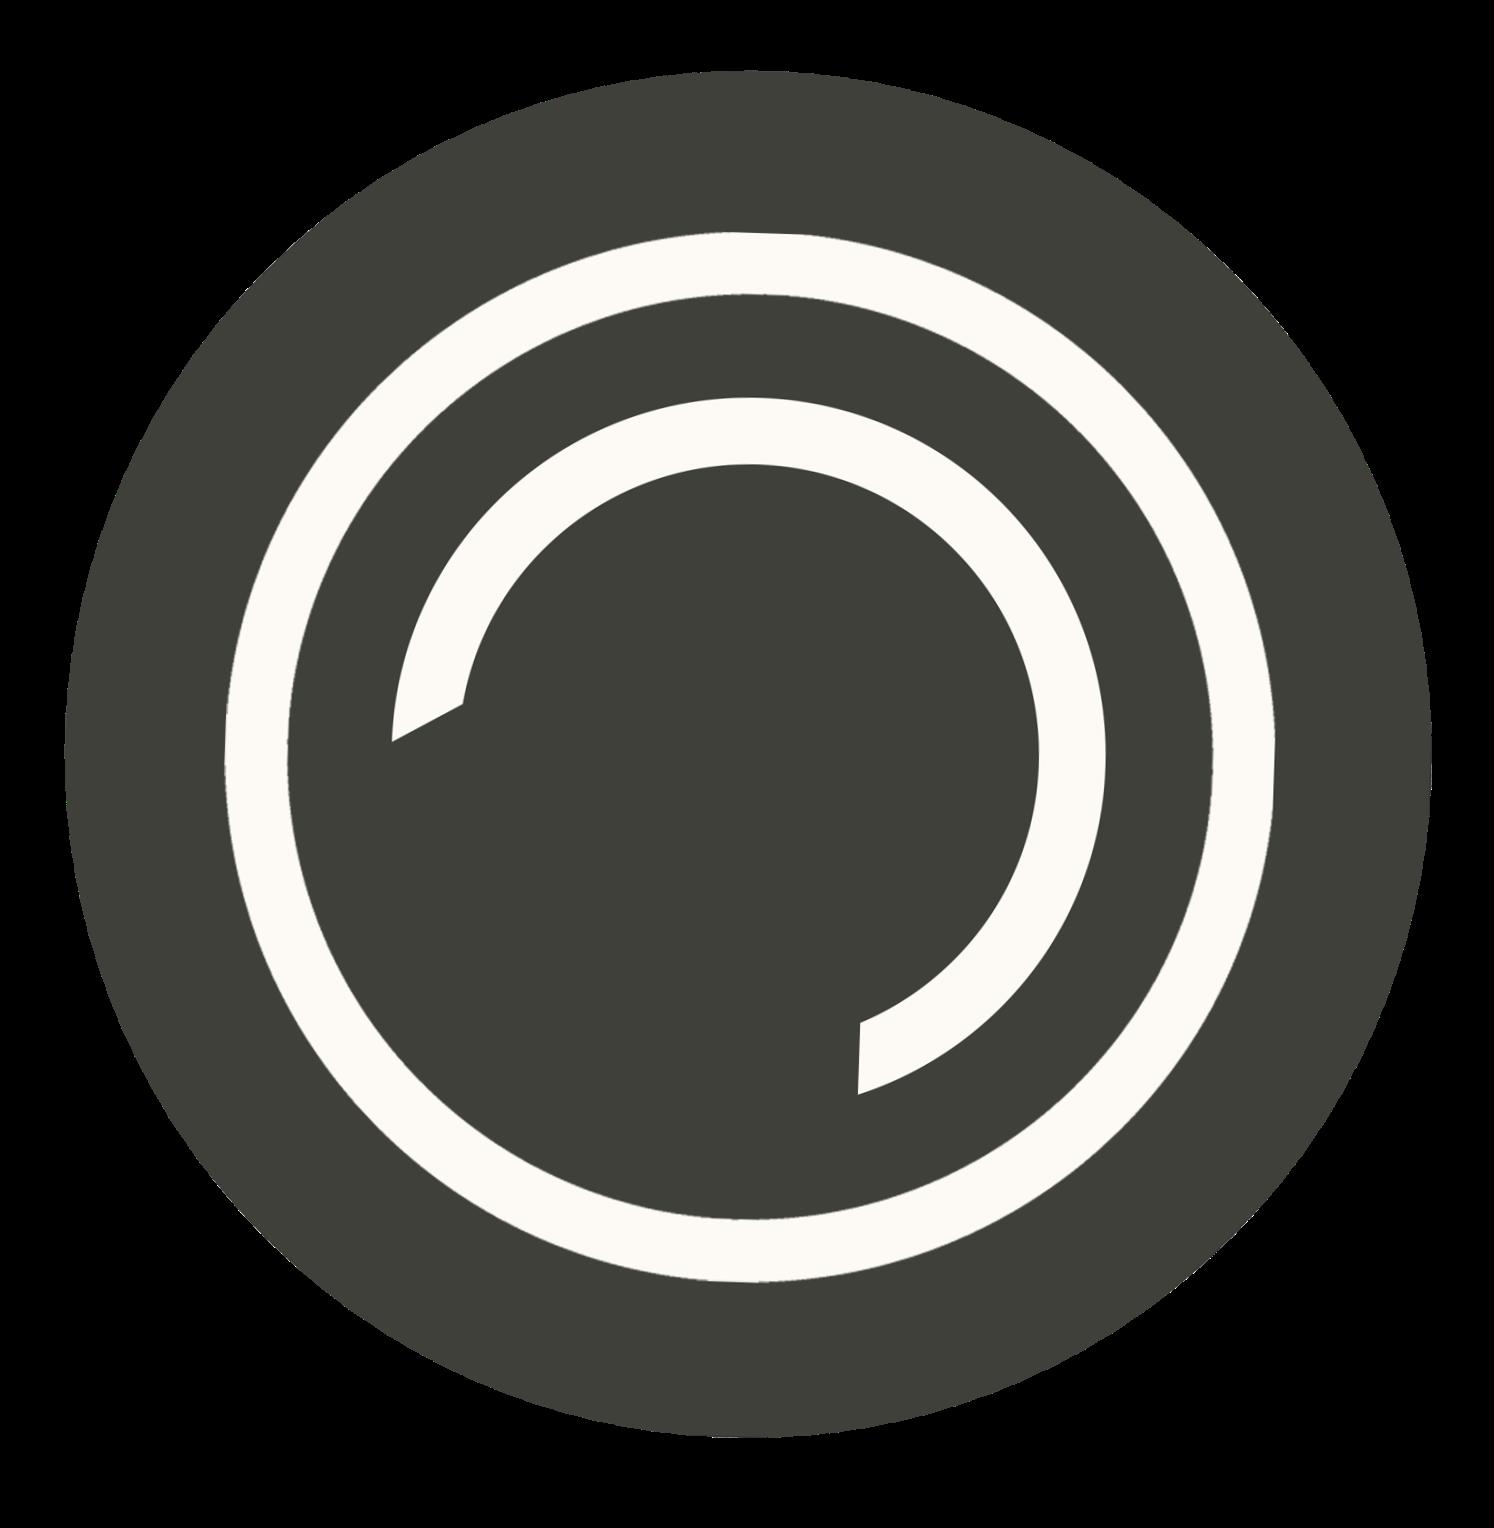 Plink Icon